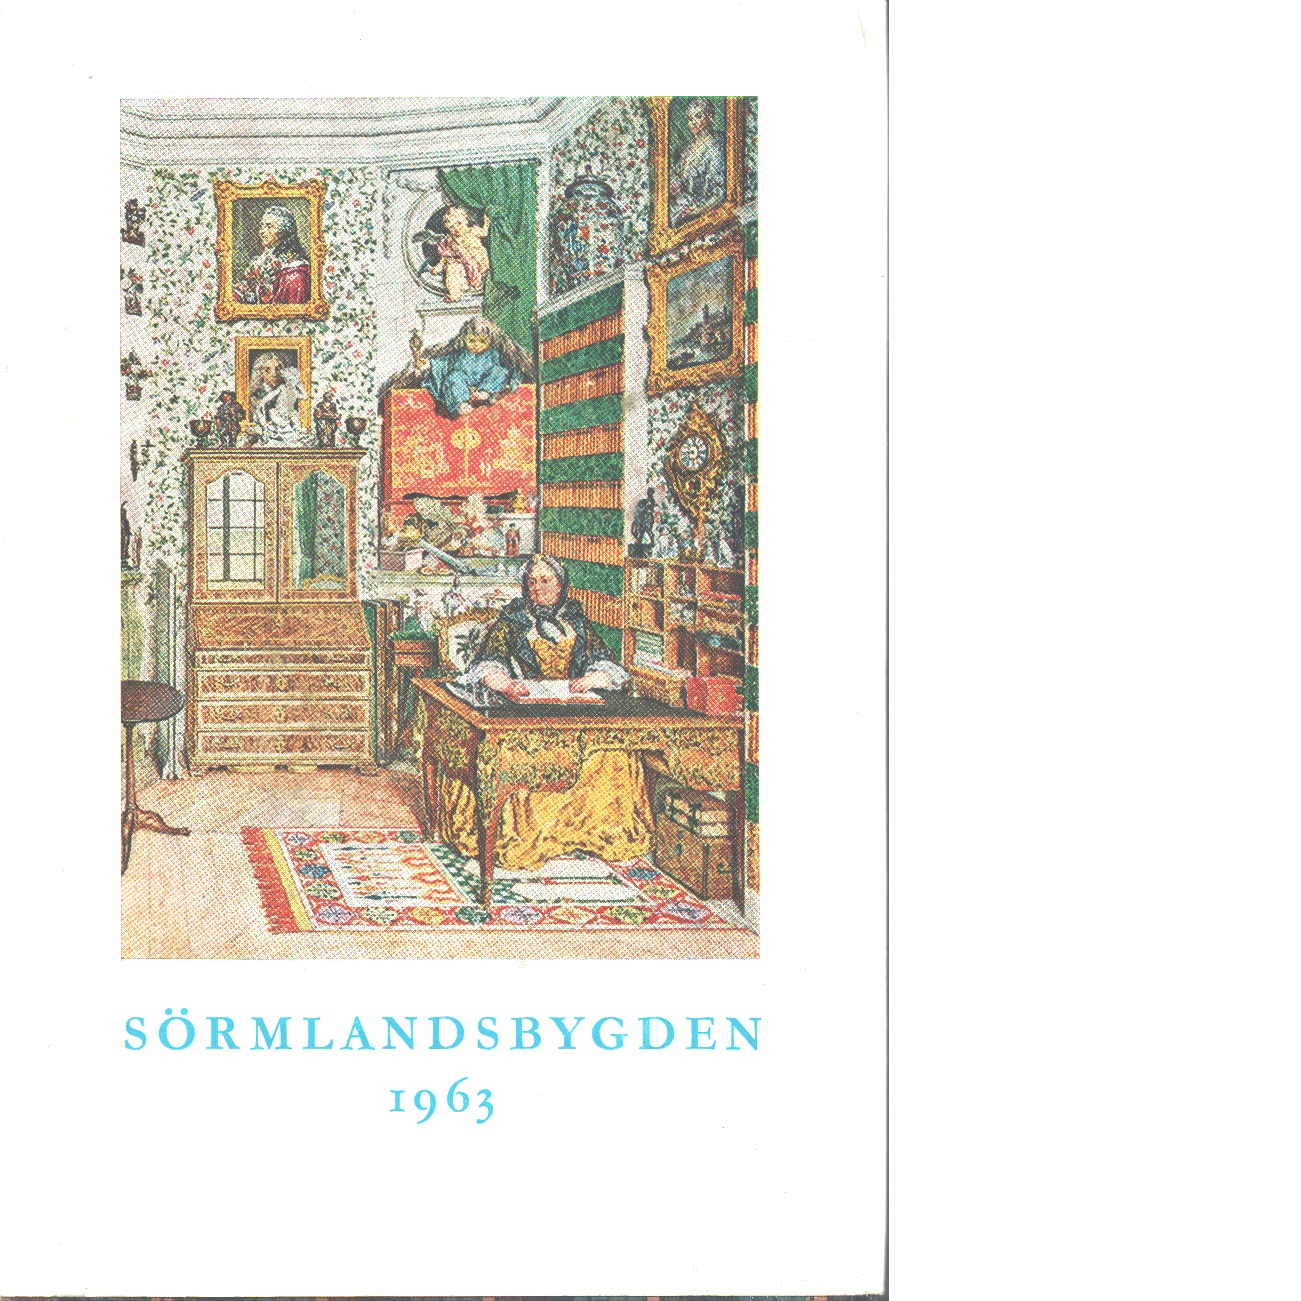 Sörmlandsbygden 1963 - Södermanlands hembygdsförbund